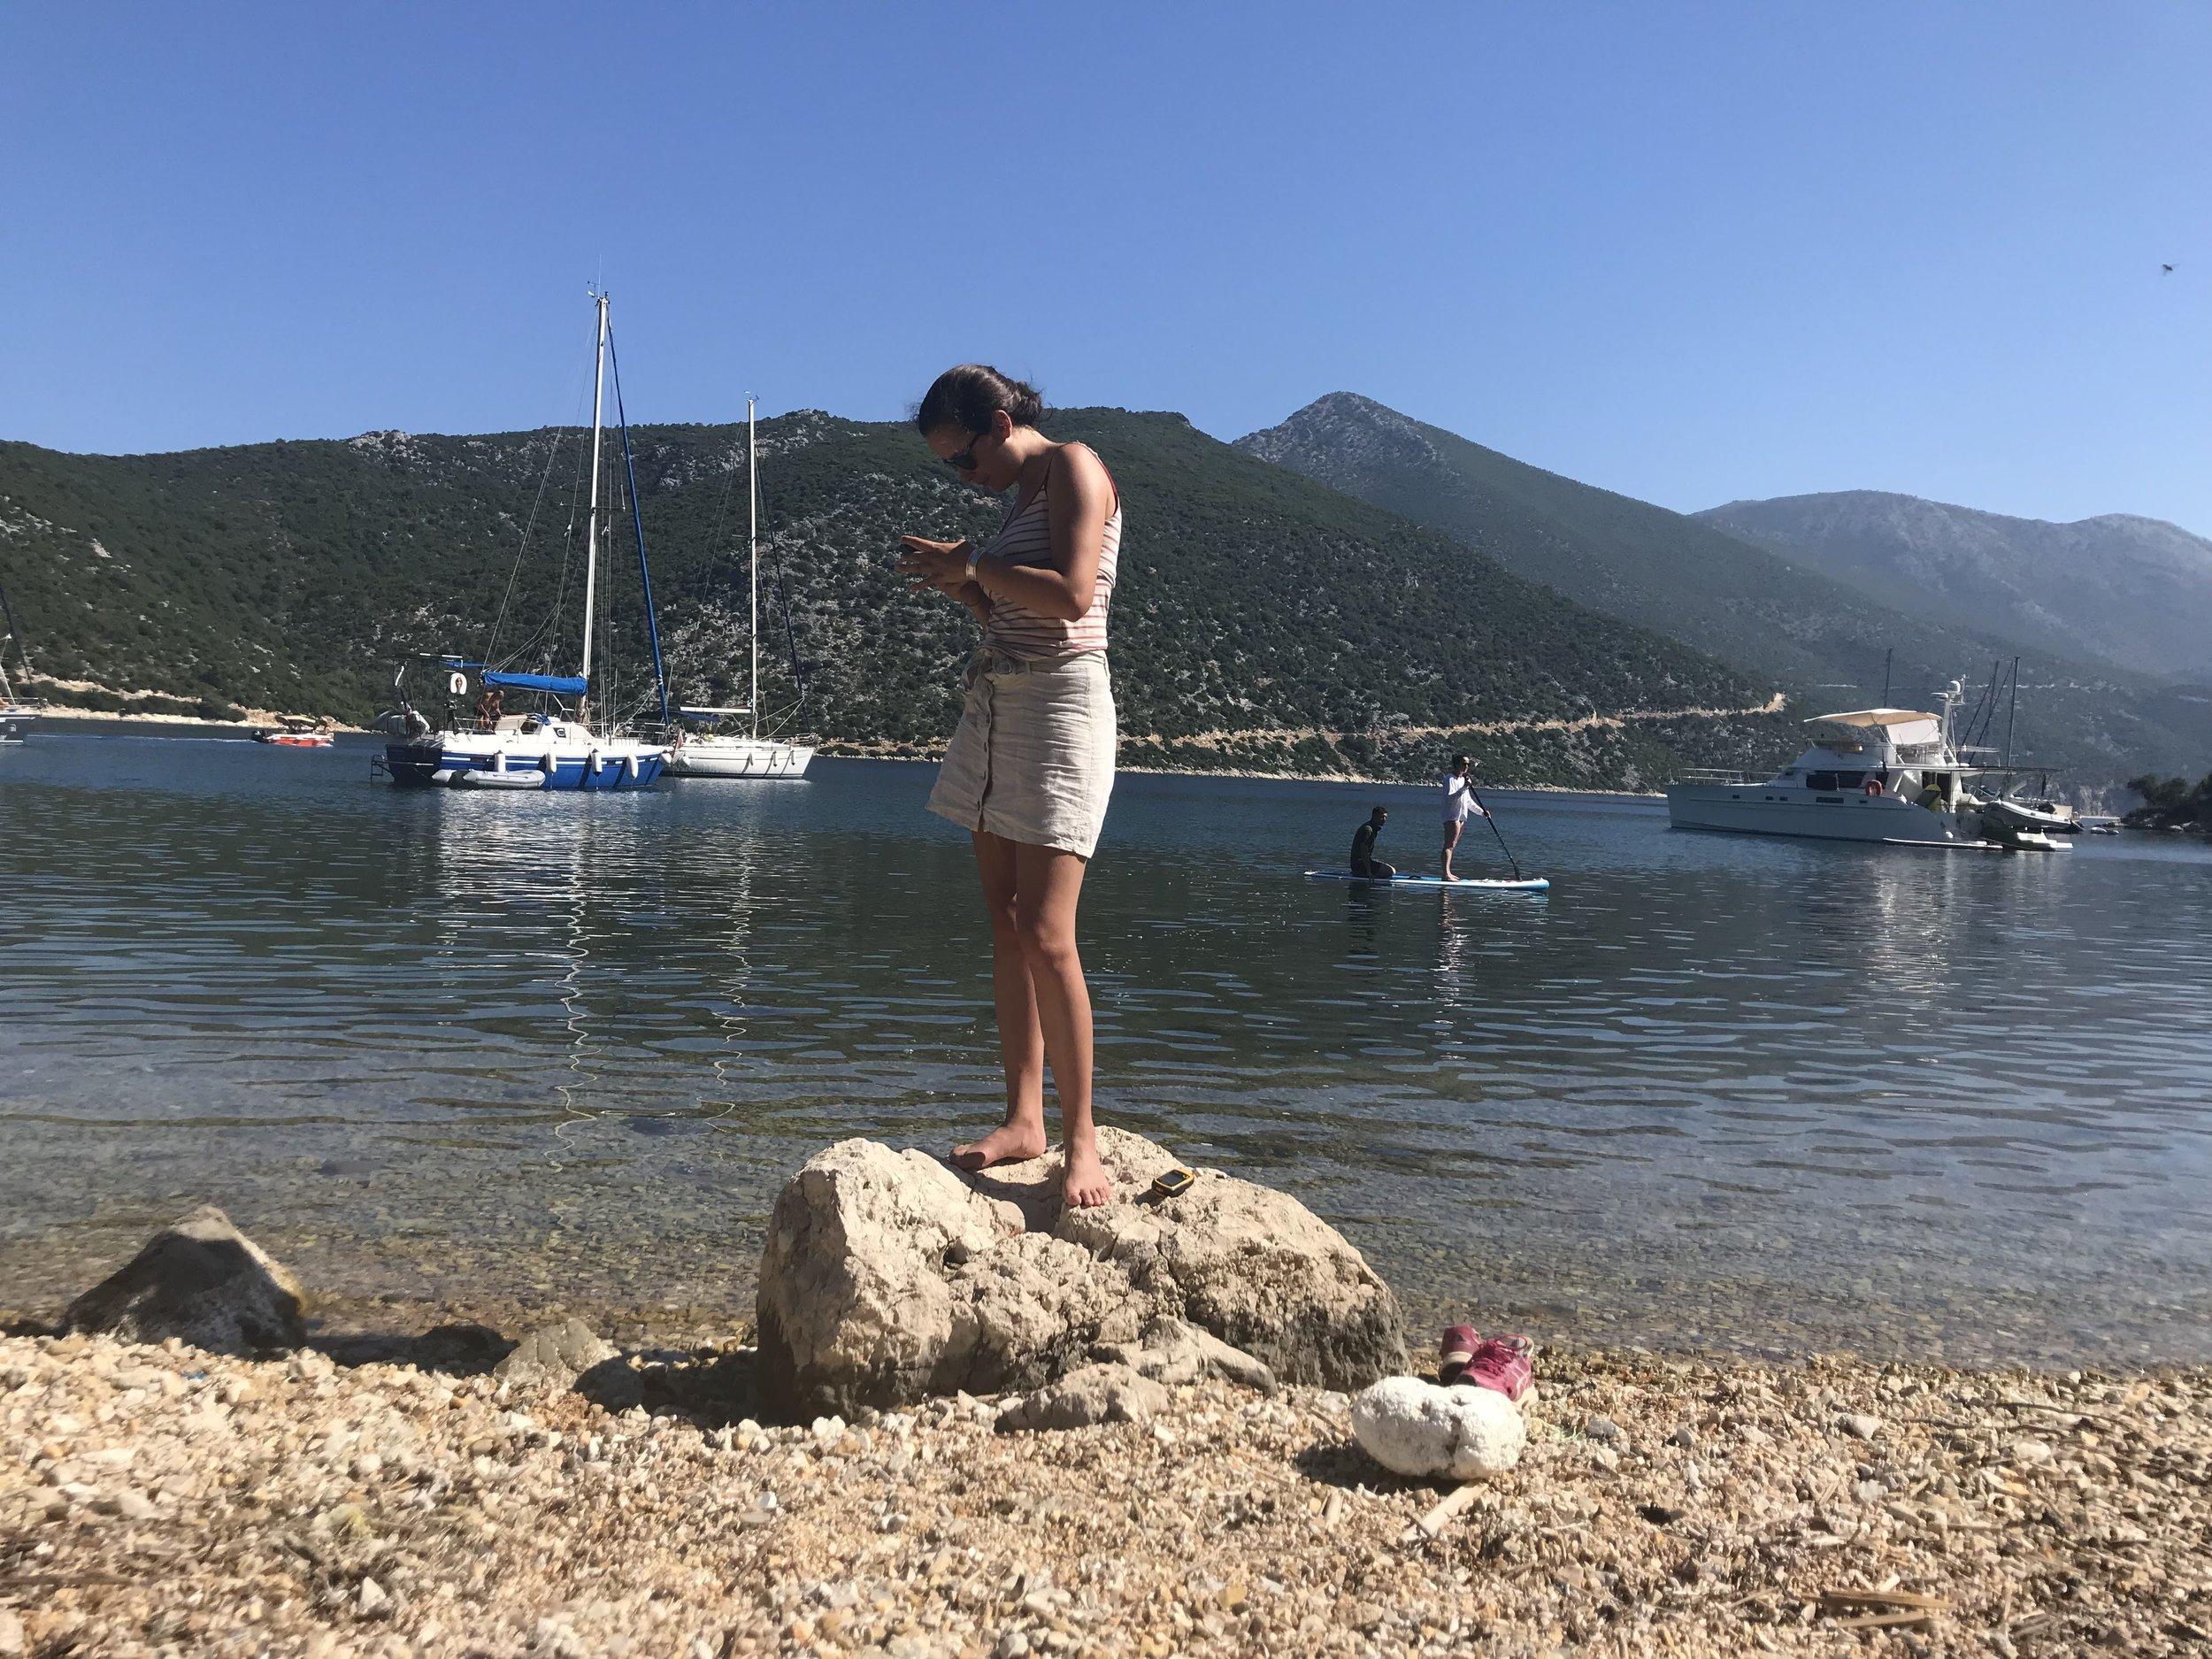 Ekomatkaajat Kreikka luonnonsuojelu.JPG